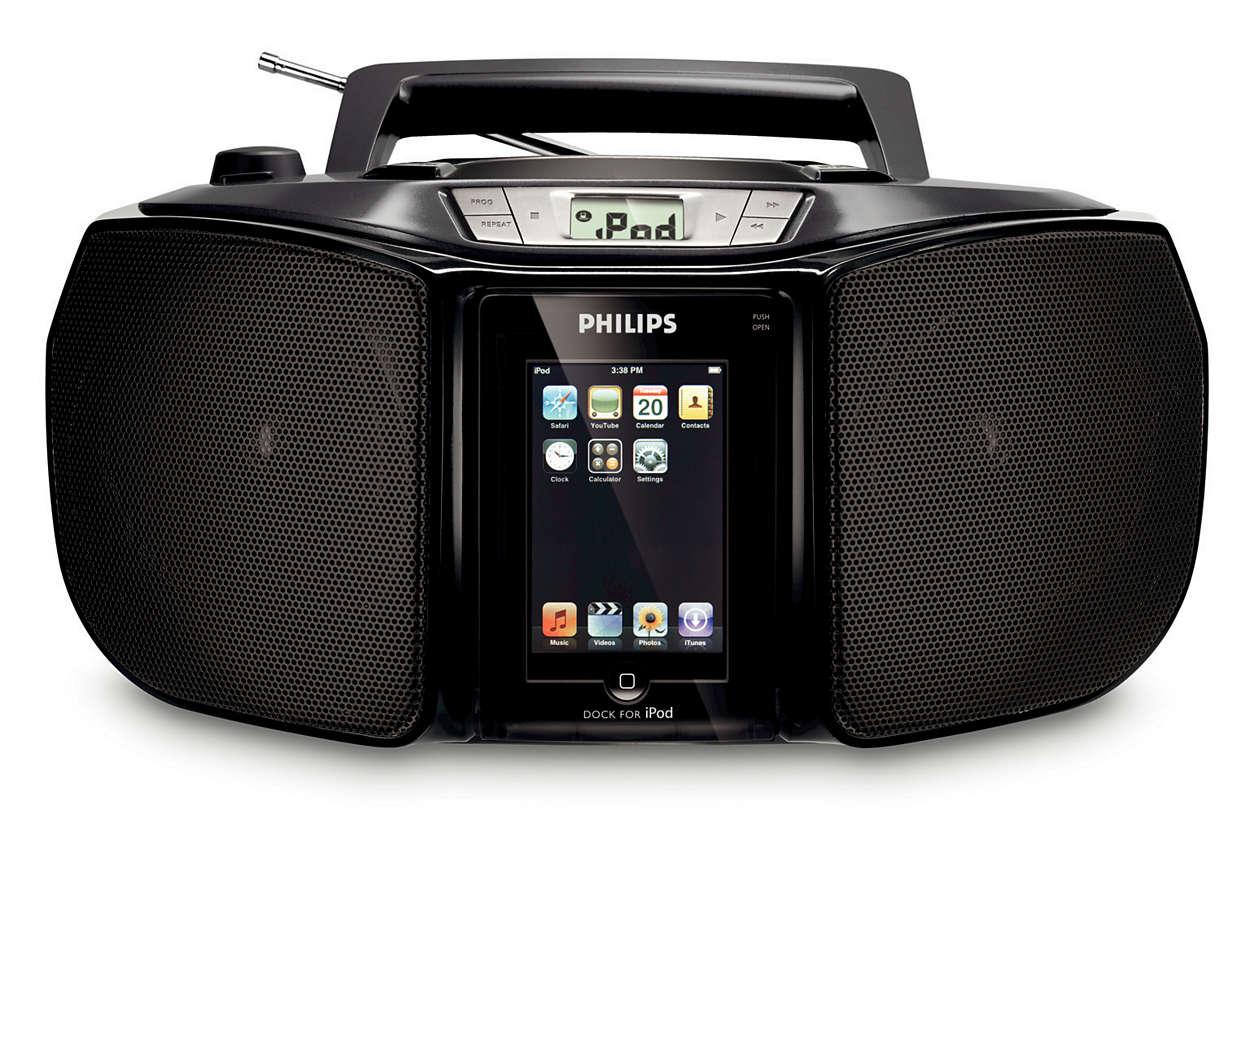 Aprecie música em iPod e CD com toda a liberdade sonora